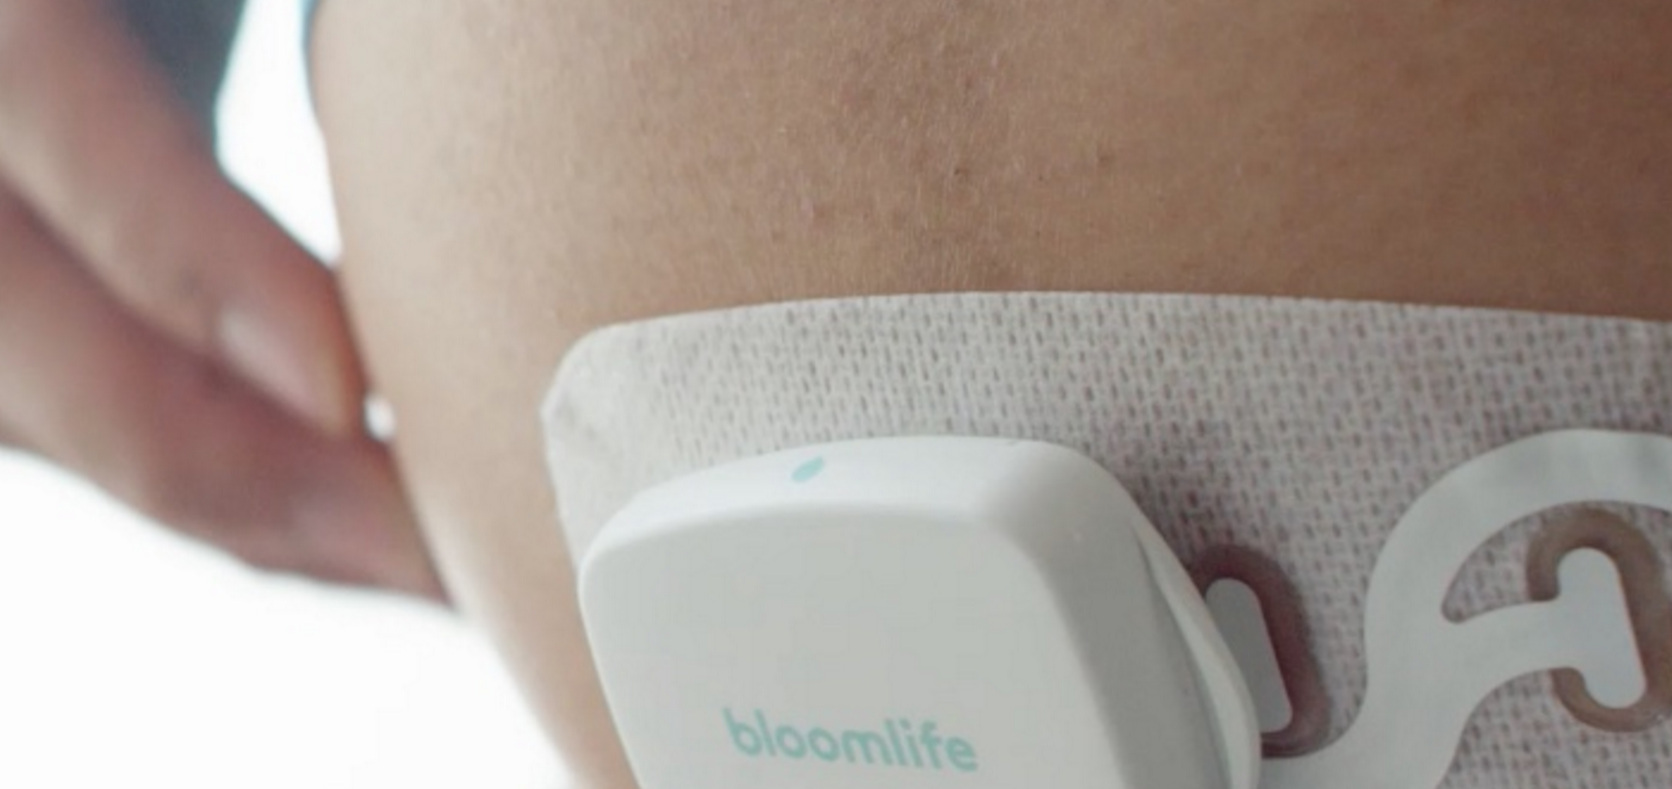 BloomLife获230万美元资金支持帮助孕妇产前实时检测 智能设备 第1张-泥人传说